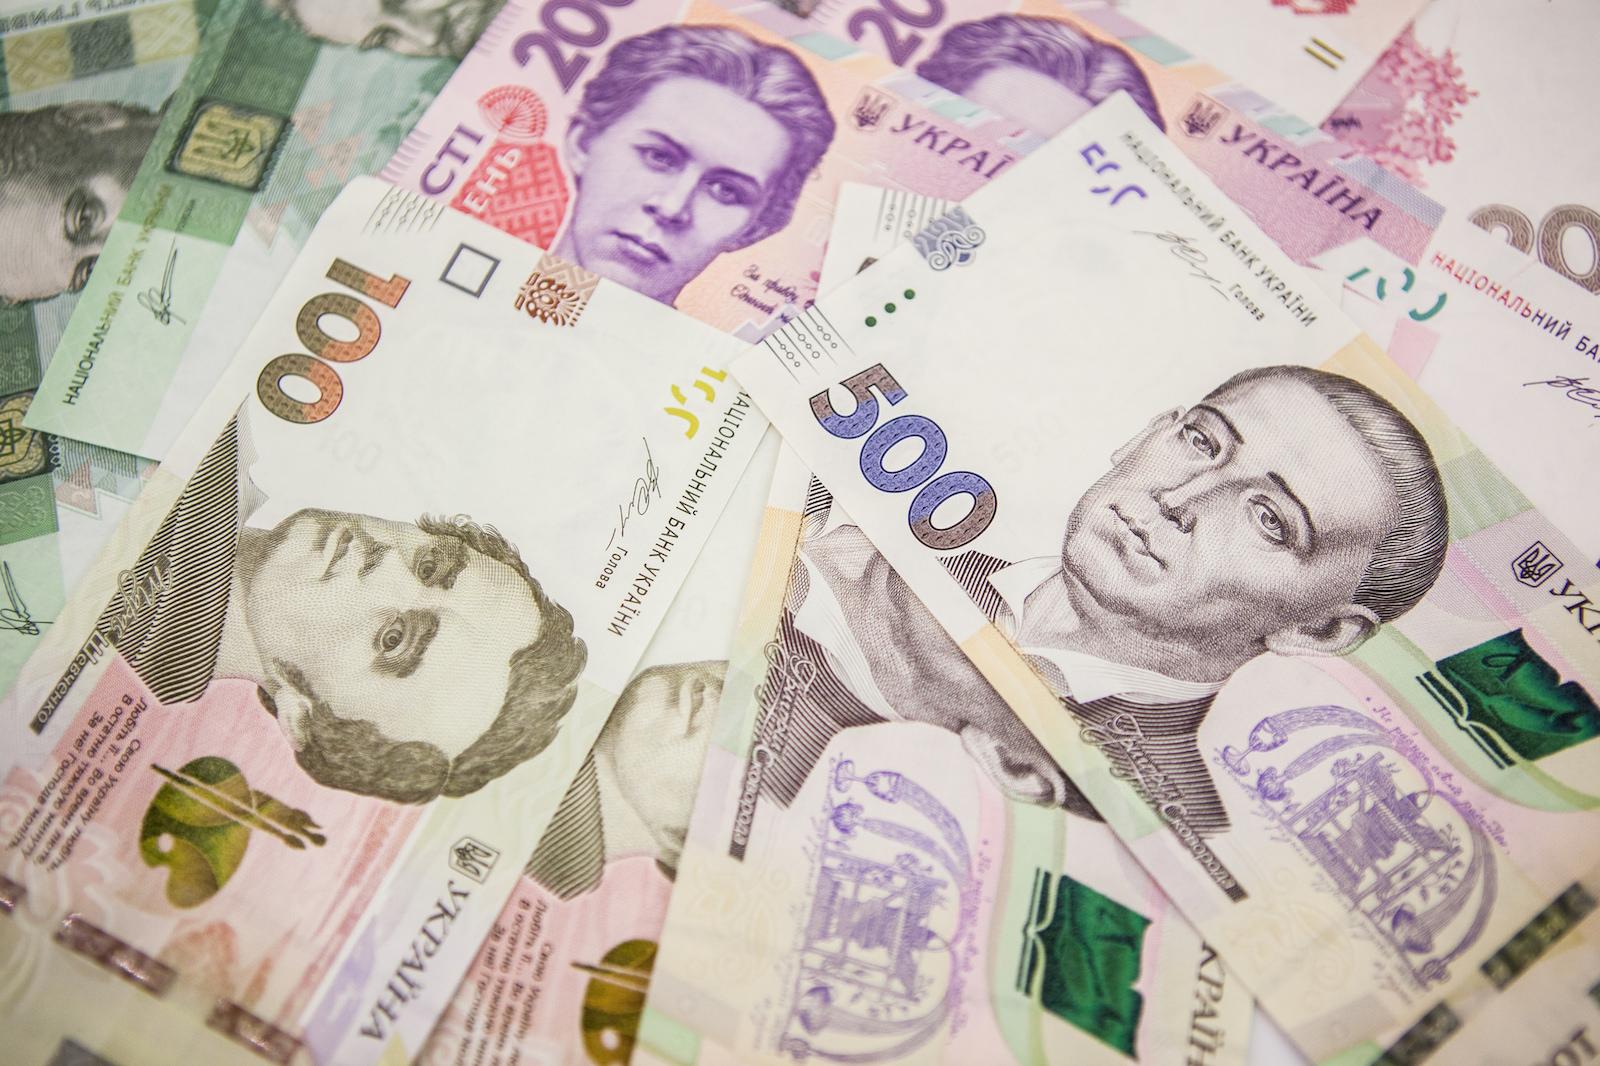 Дыру в Пенсионном фонде раздули до 173 млрд грн